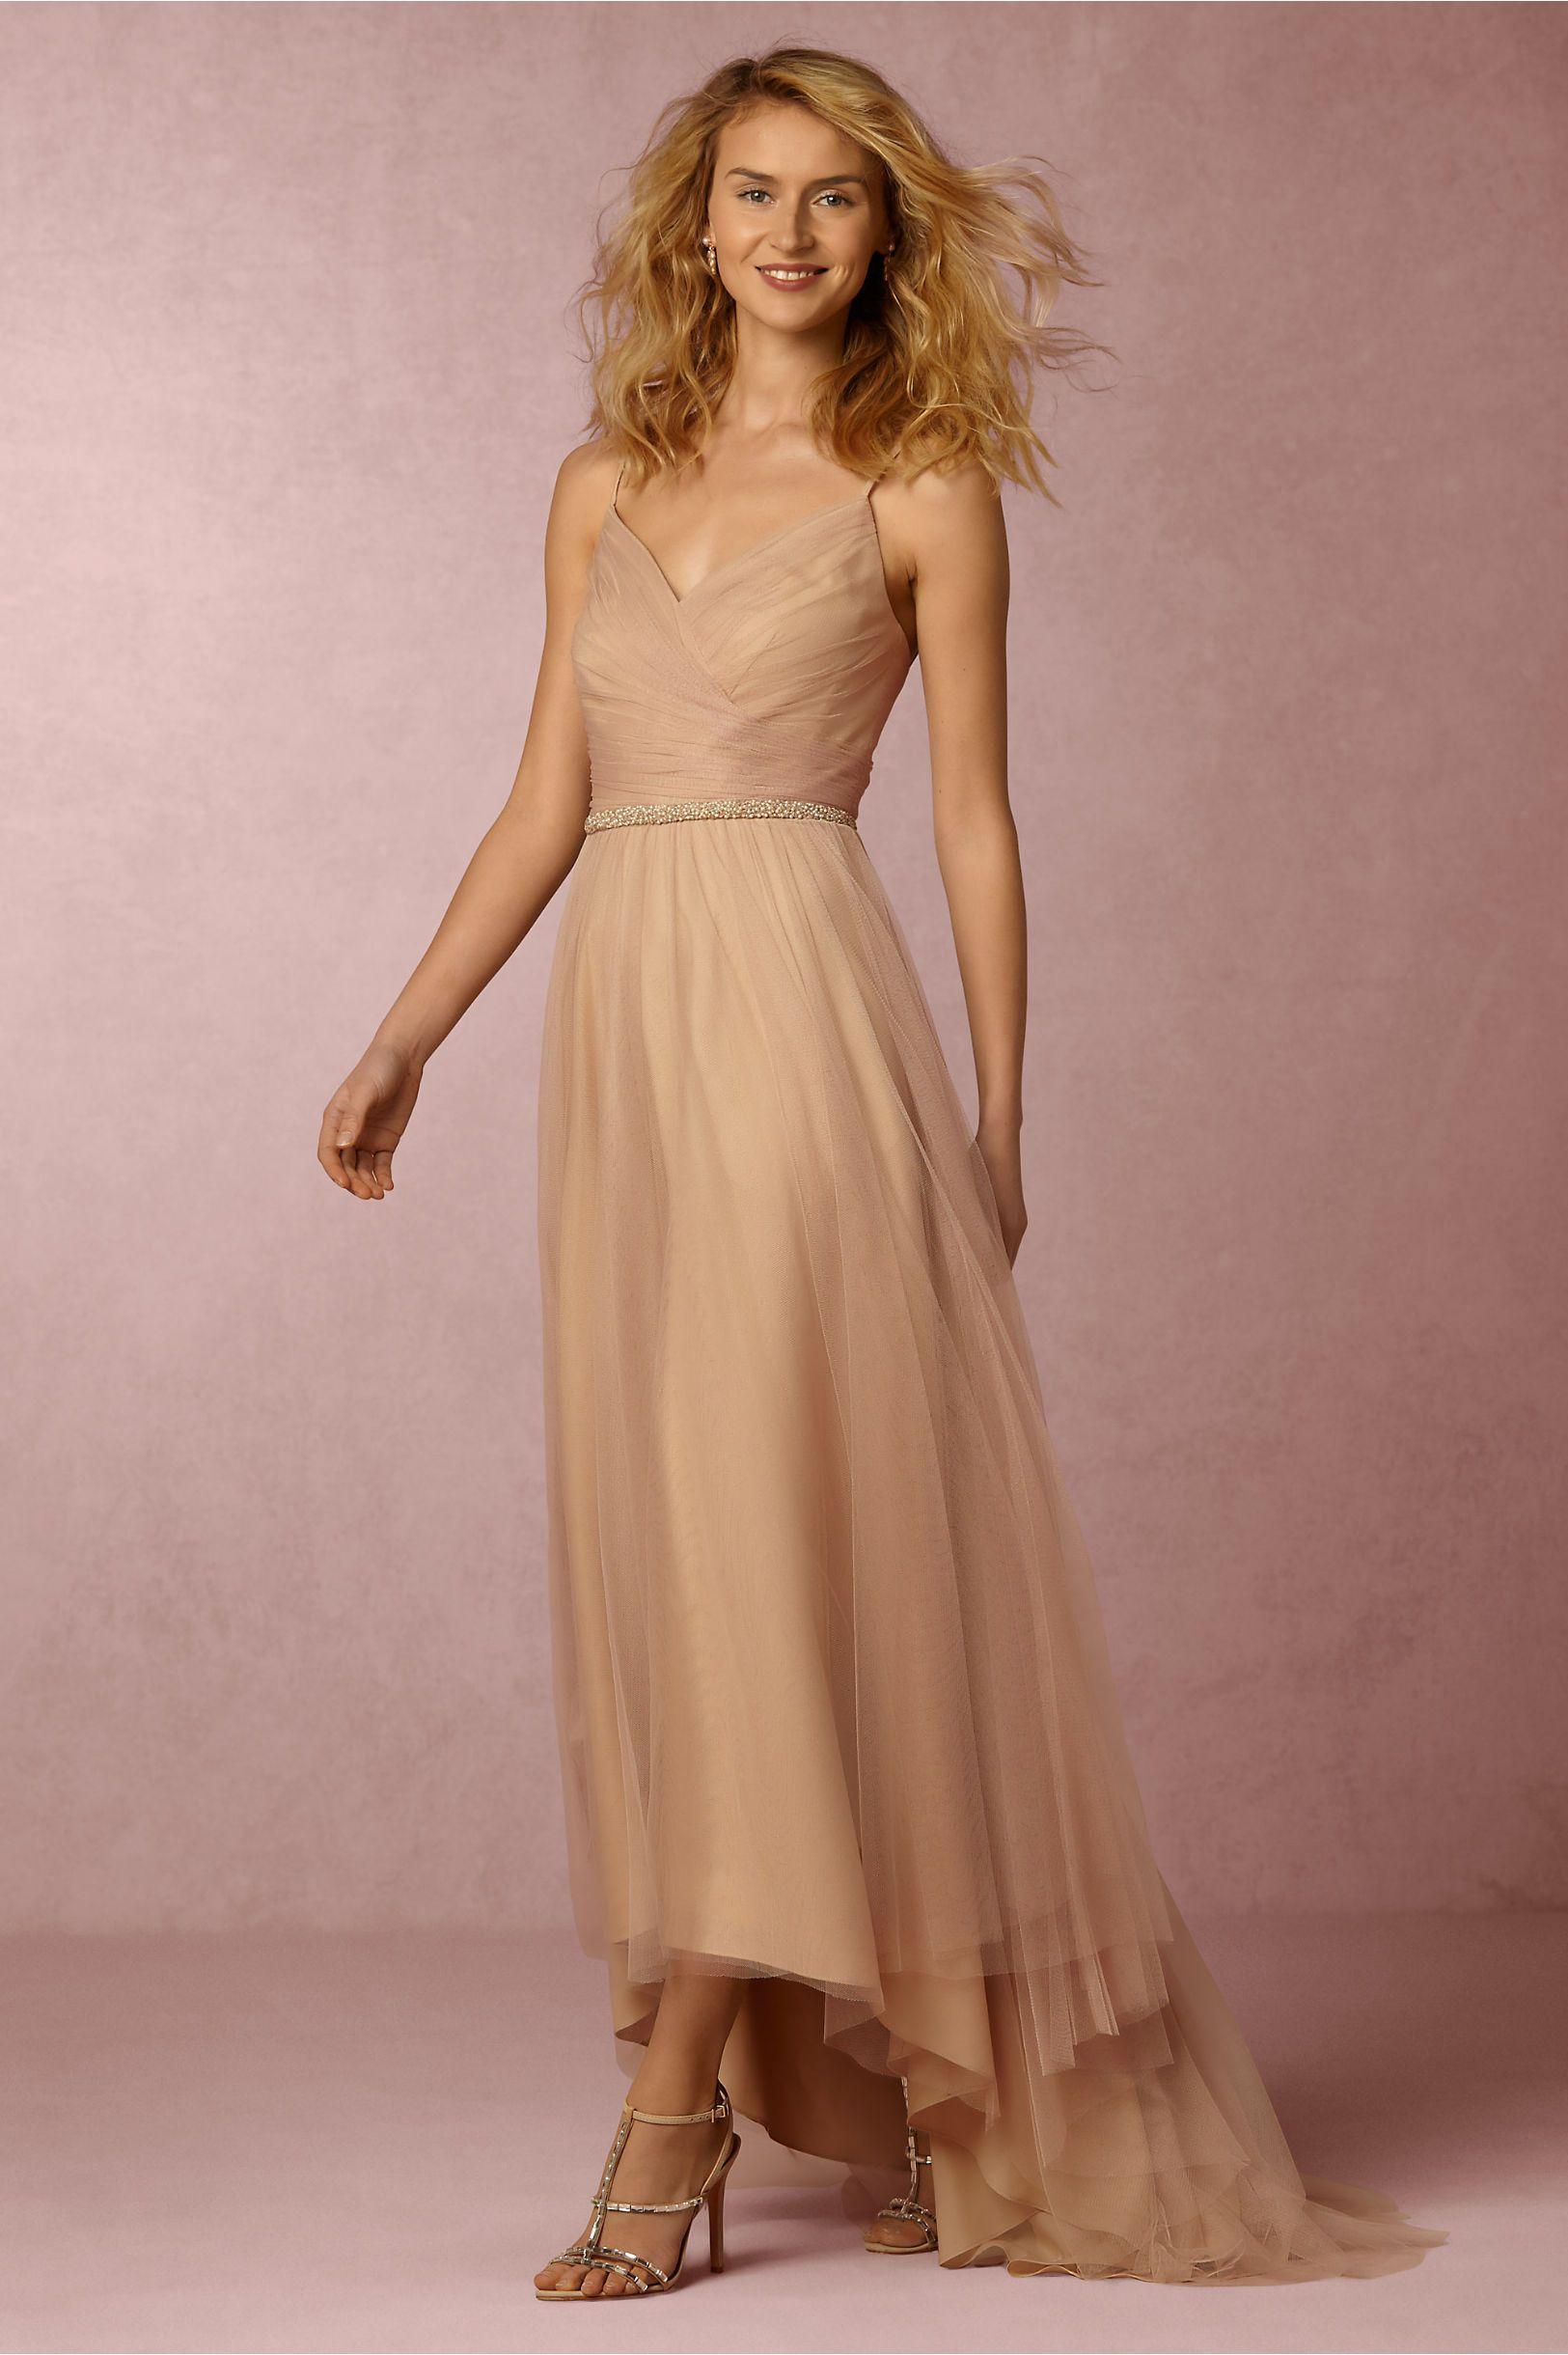 Bhldn brinkley dress in new at bhldn little white dress